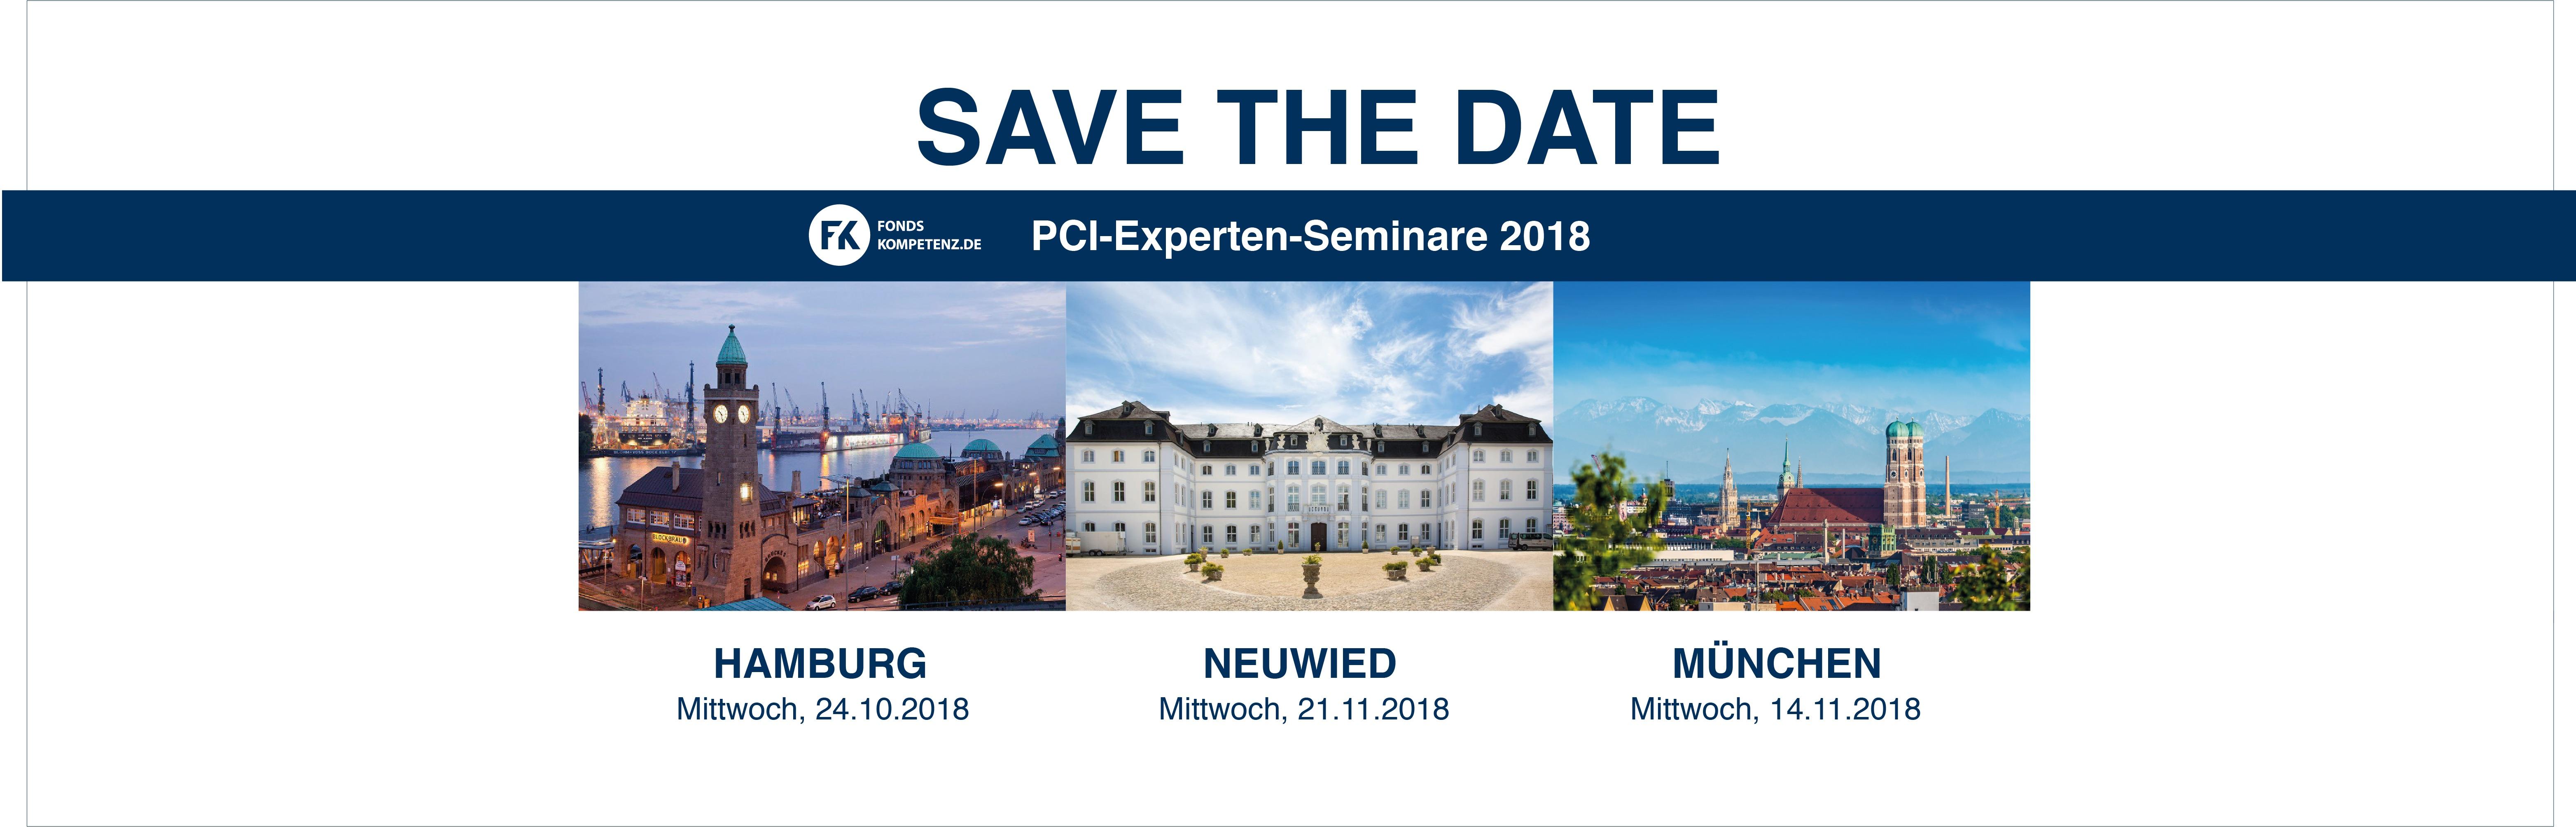 PCI-Experten-Seminare 2018